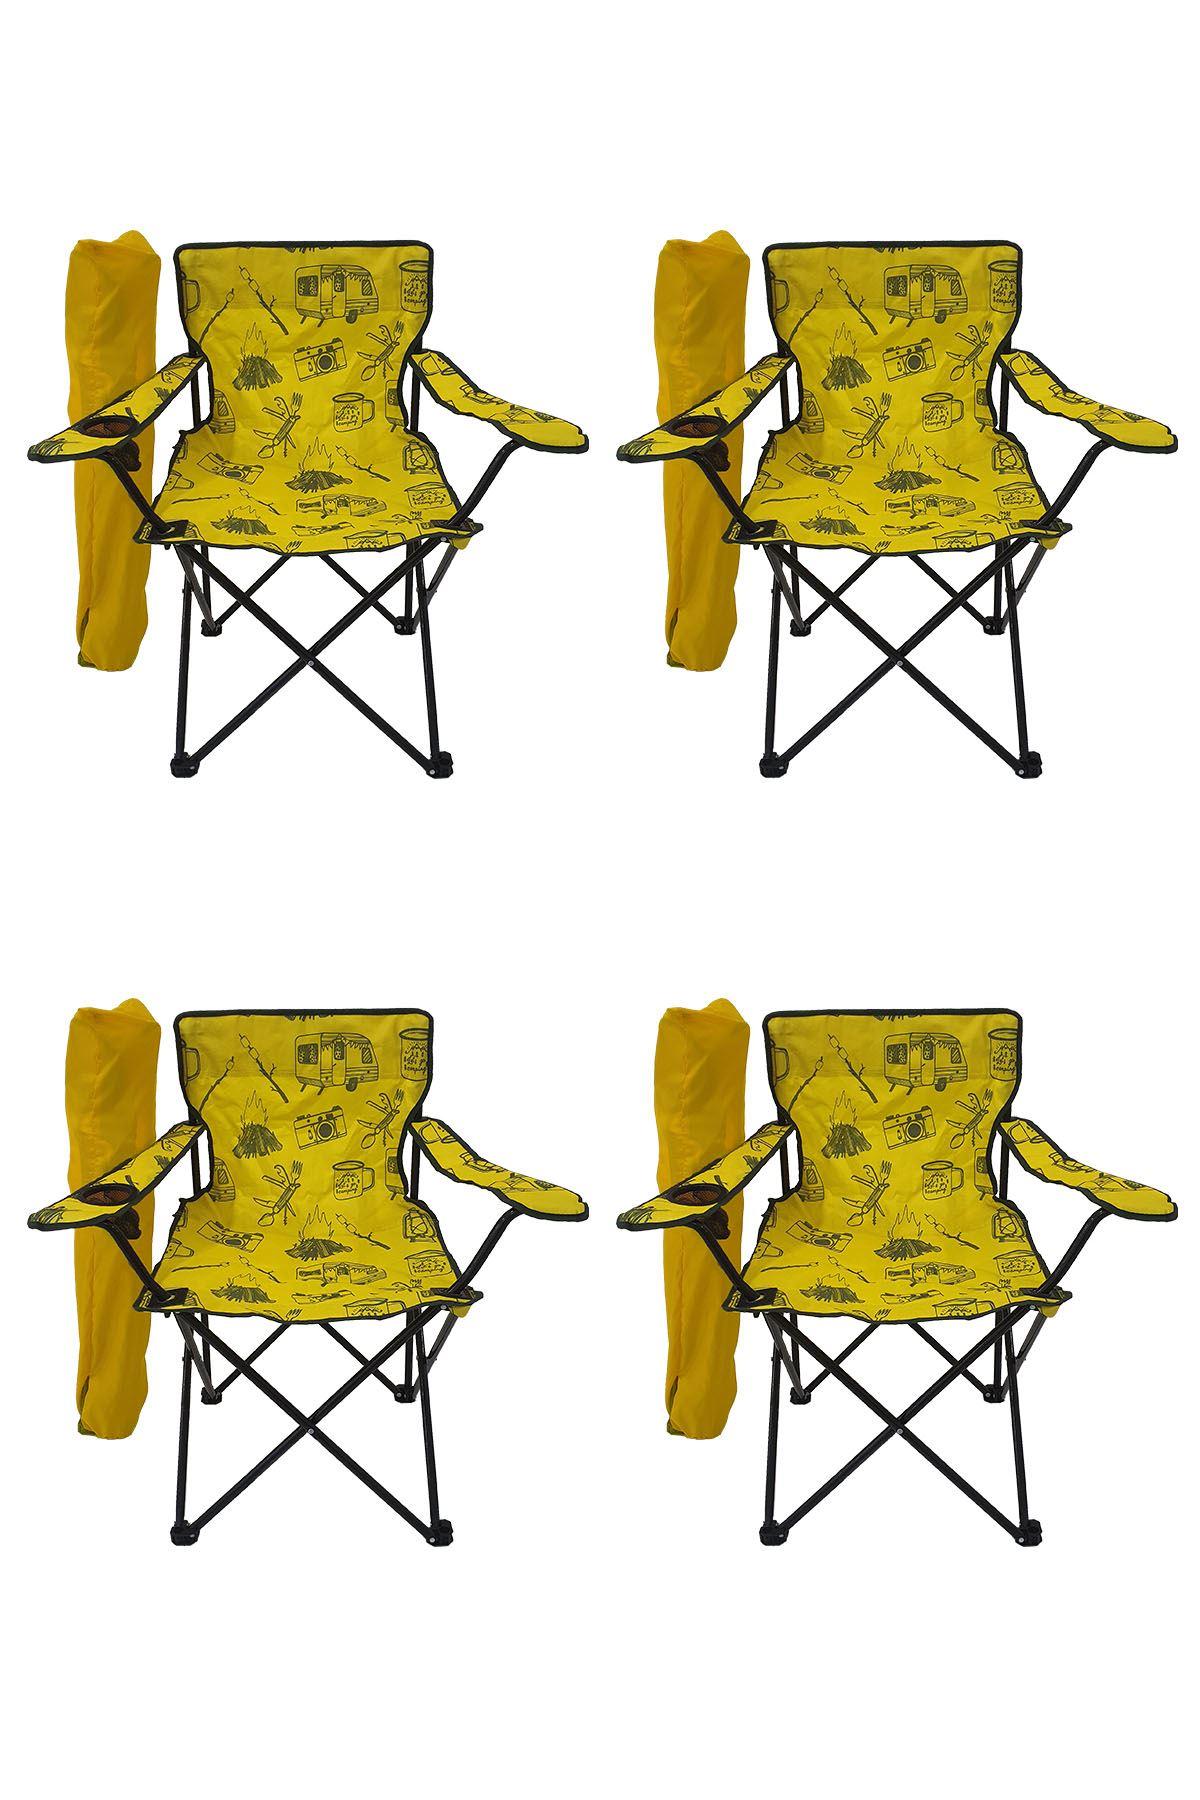 Bofigo 4 Adet Kamp Sandalyesi Katlanır Sandalye Bahçe Koltuğu Piknik Plaj Sandalyesi Desenli Sarı